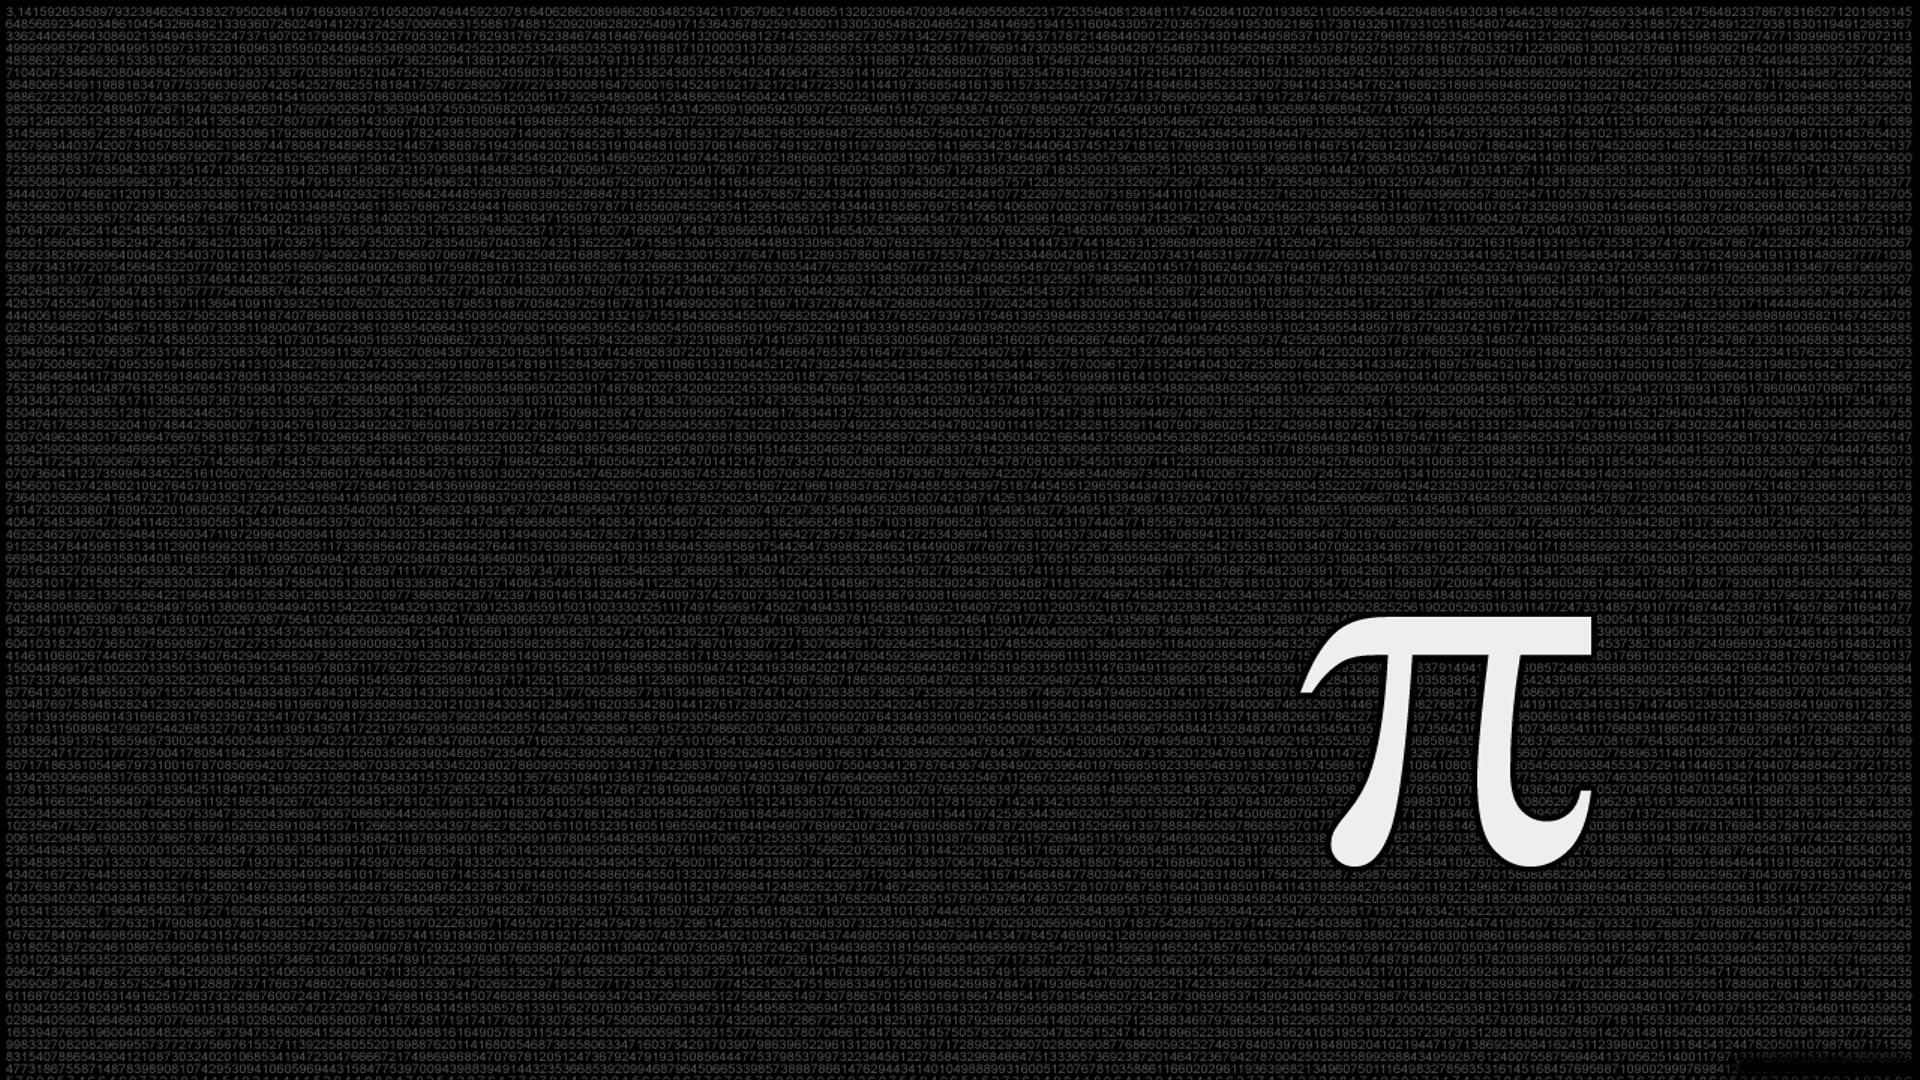 6 Pi (Math) Fondos de pantalla HD | Fondos de Escritorio ...